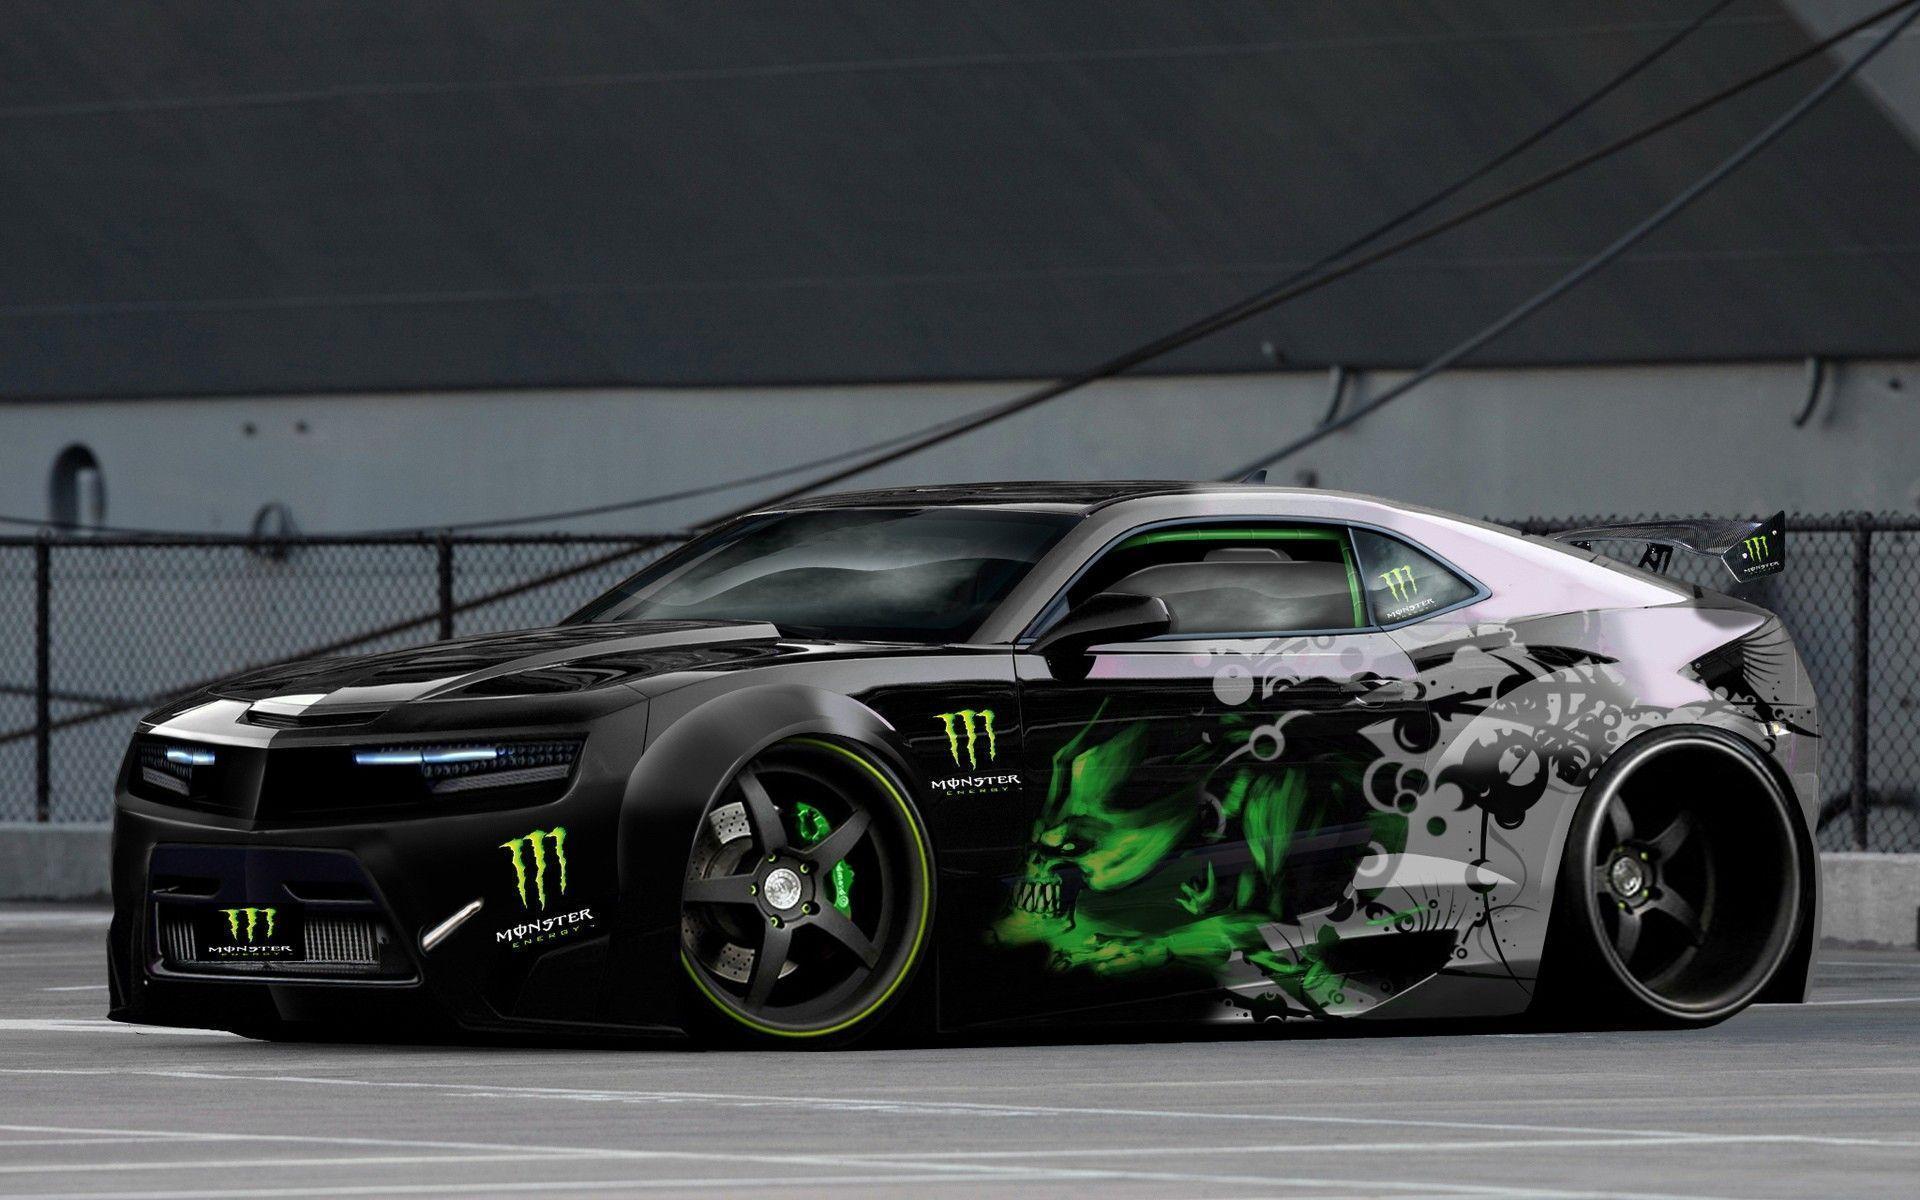 Monster Energy Wallpaper 2015 Hd - WallpaperSafari